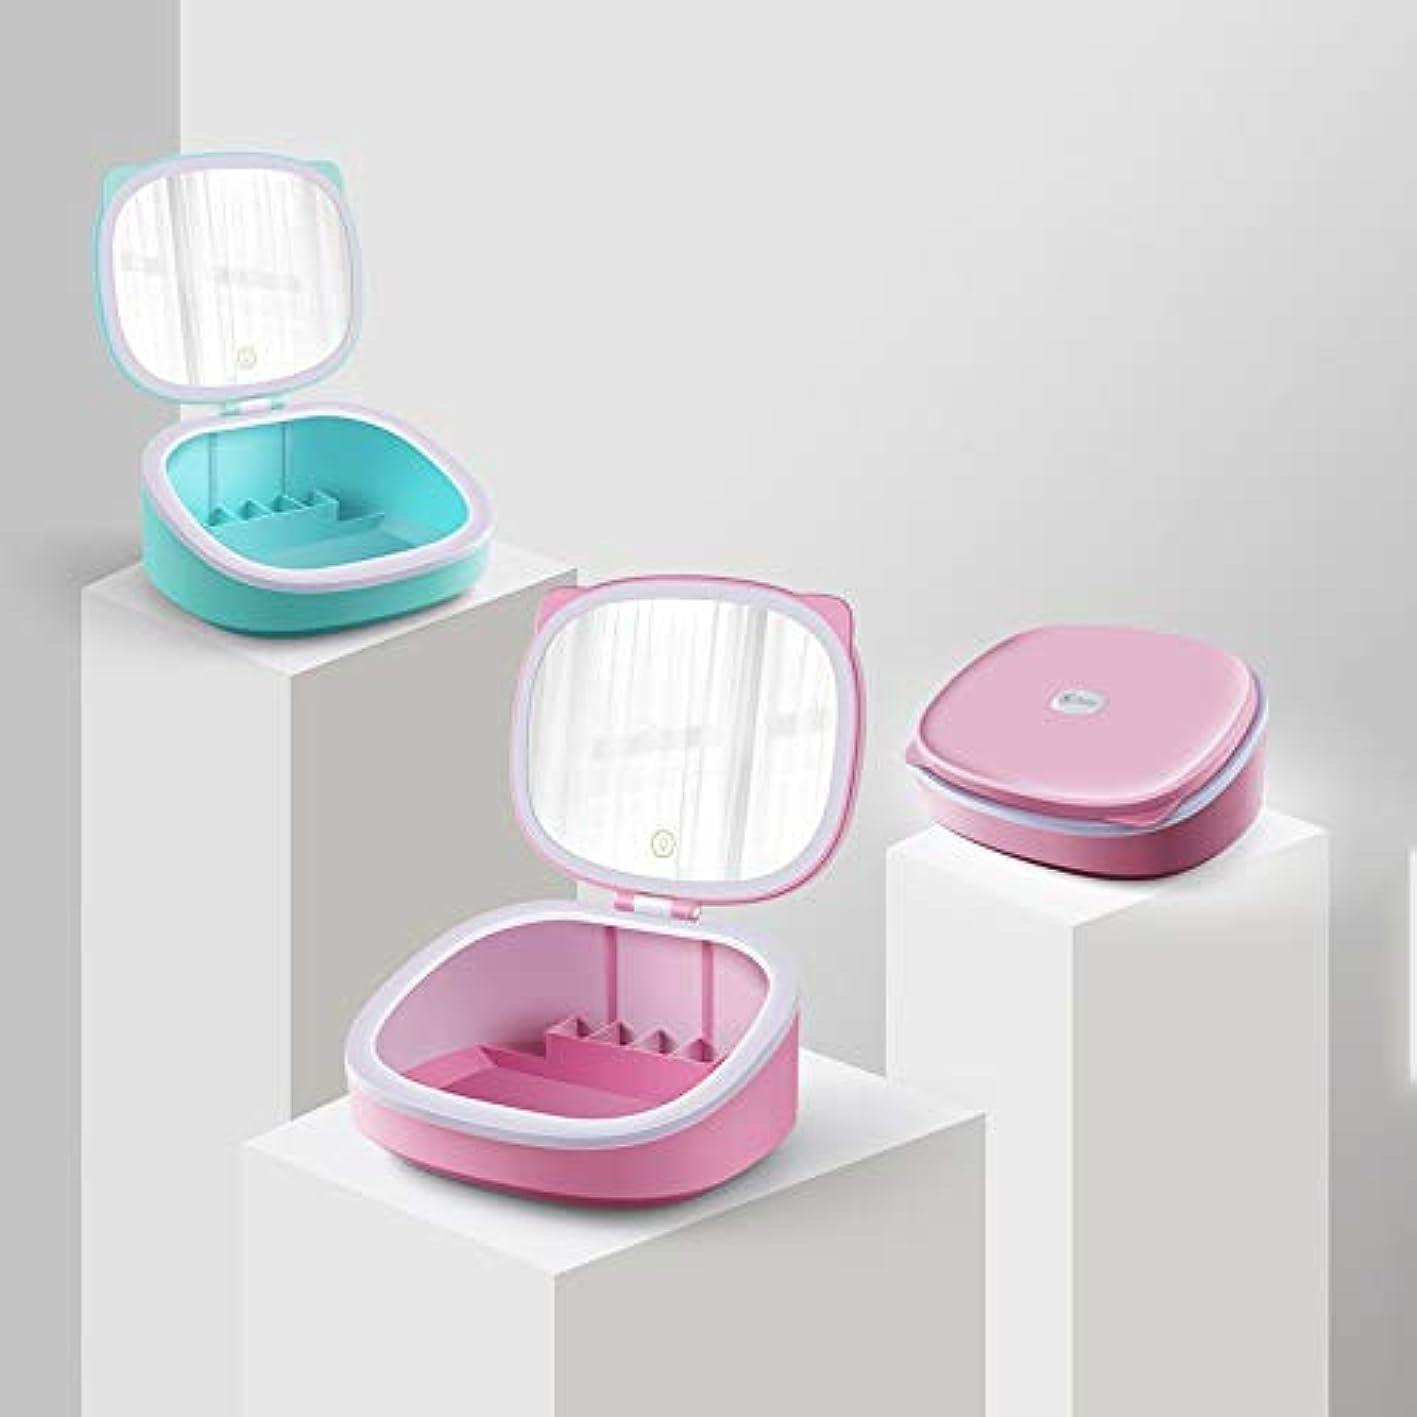 結果火山学見えない流行の LEDライト化粧鏡収納猫美容鏡卓上鏡多機能光ABSピンクブルーを調整することができます (色 : Pink)